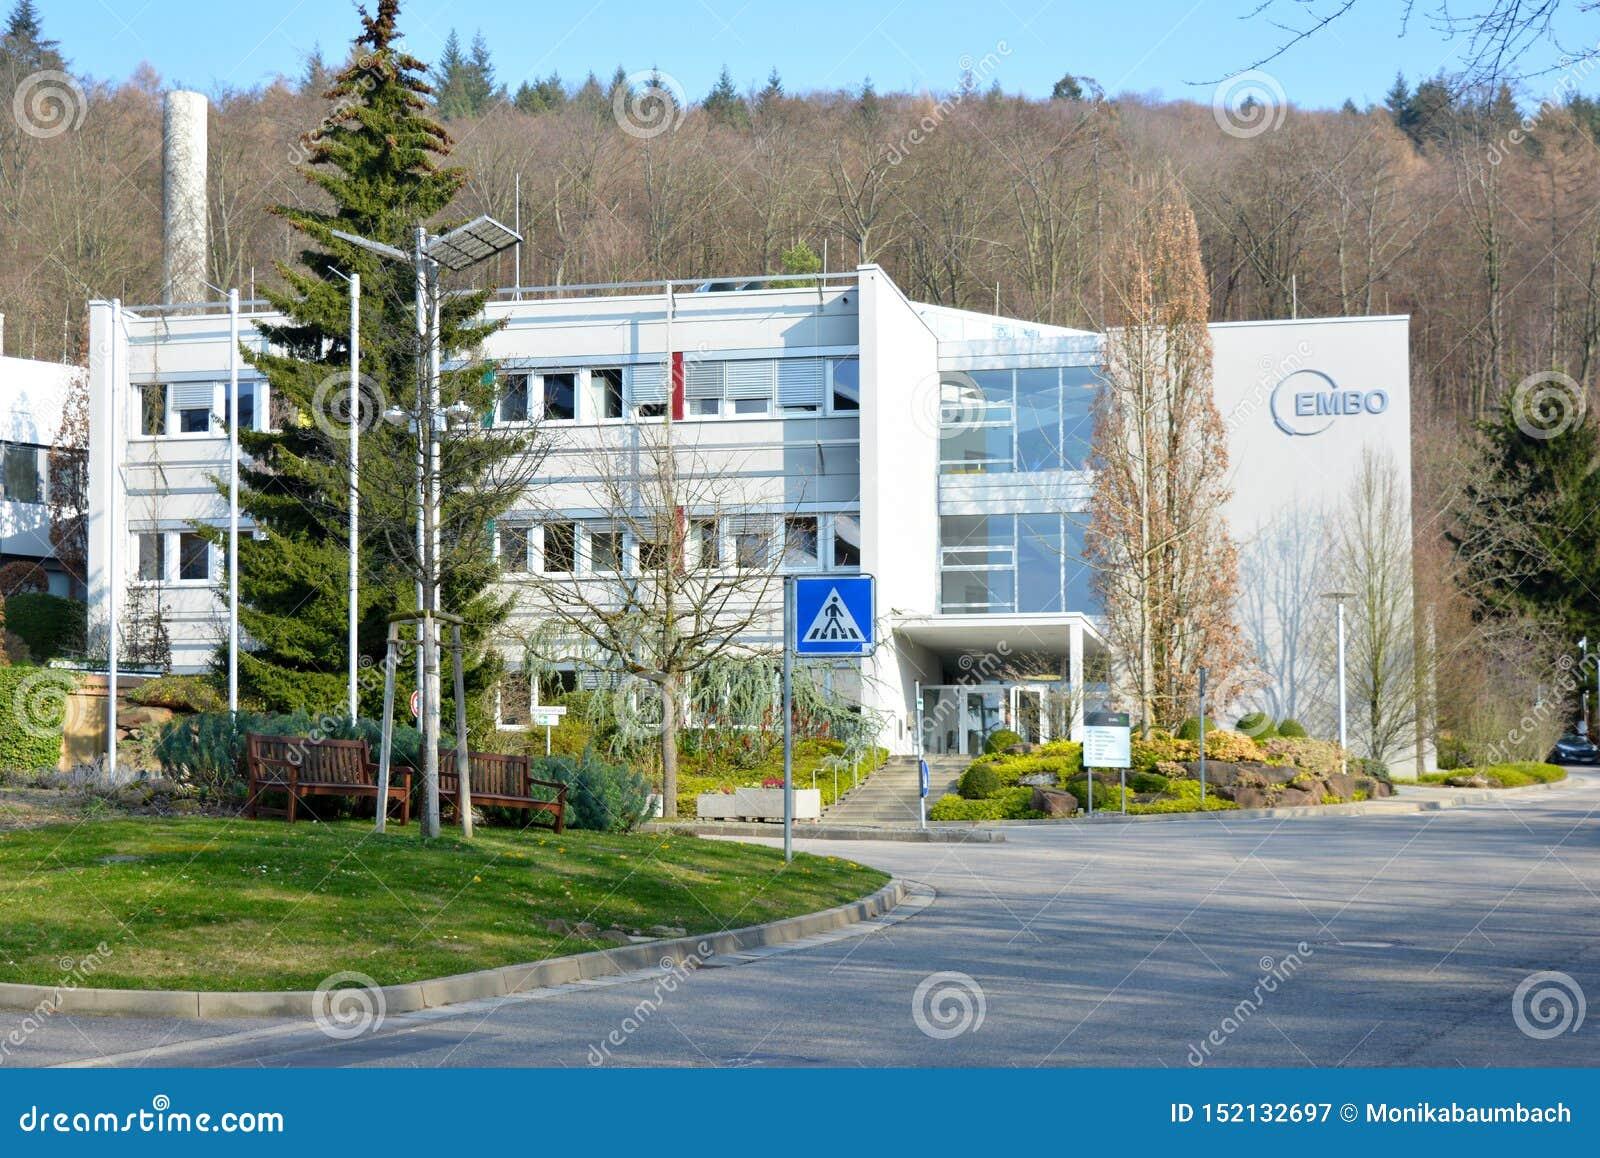 EMBO Heidelberg - Europejskiej Cząsteczkowej biologii organizacji laborancki budynek